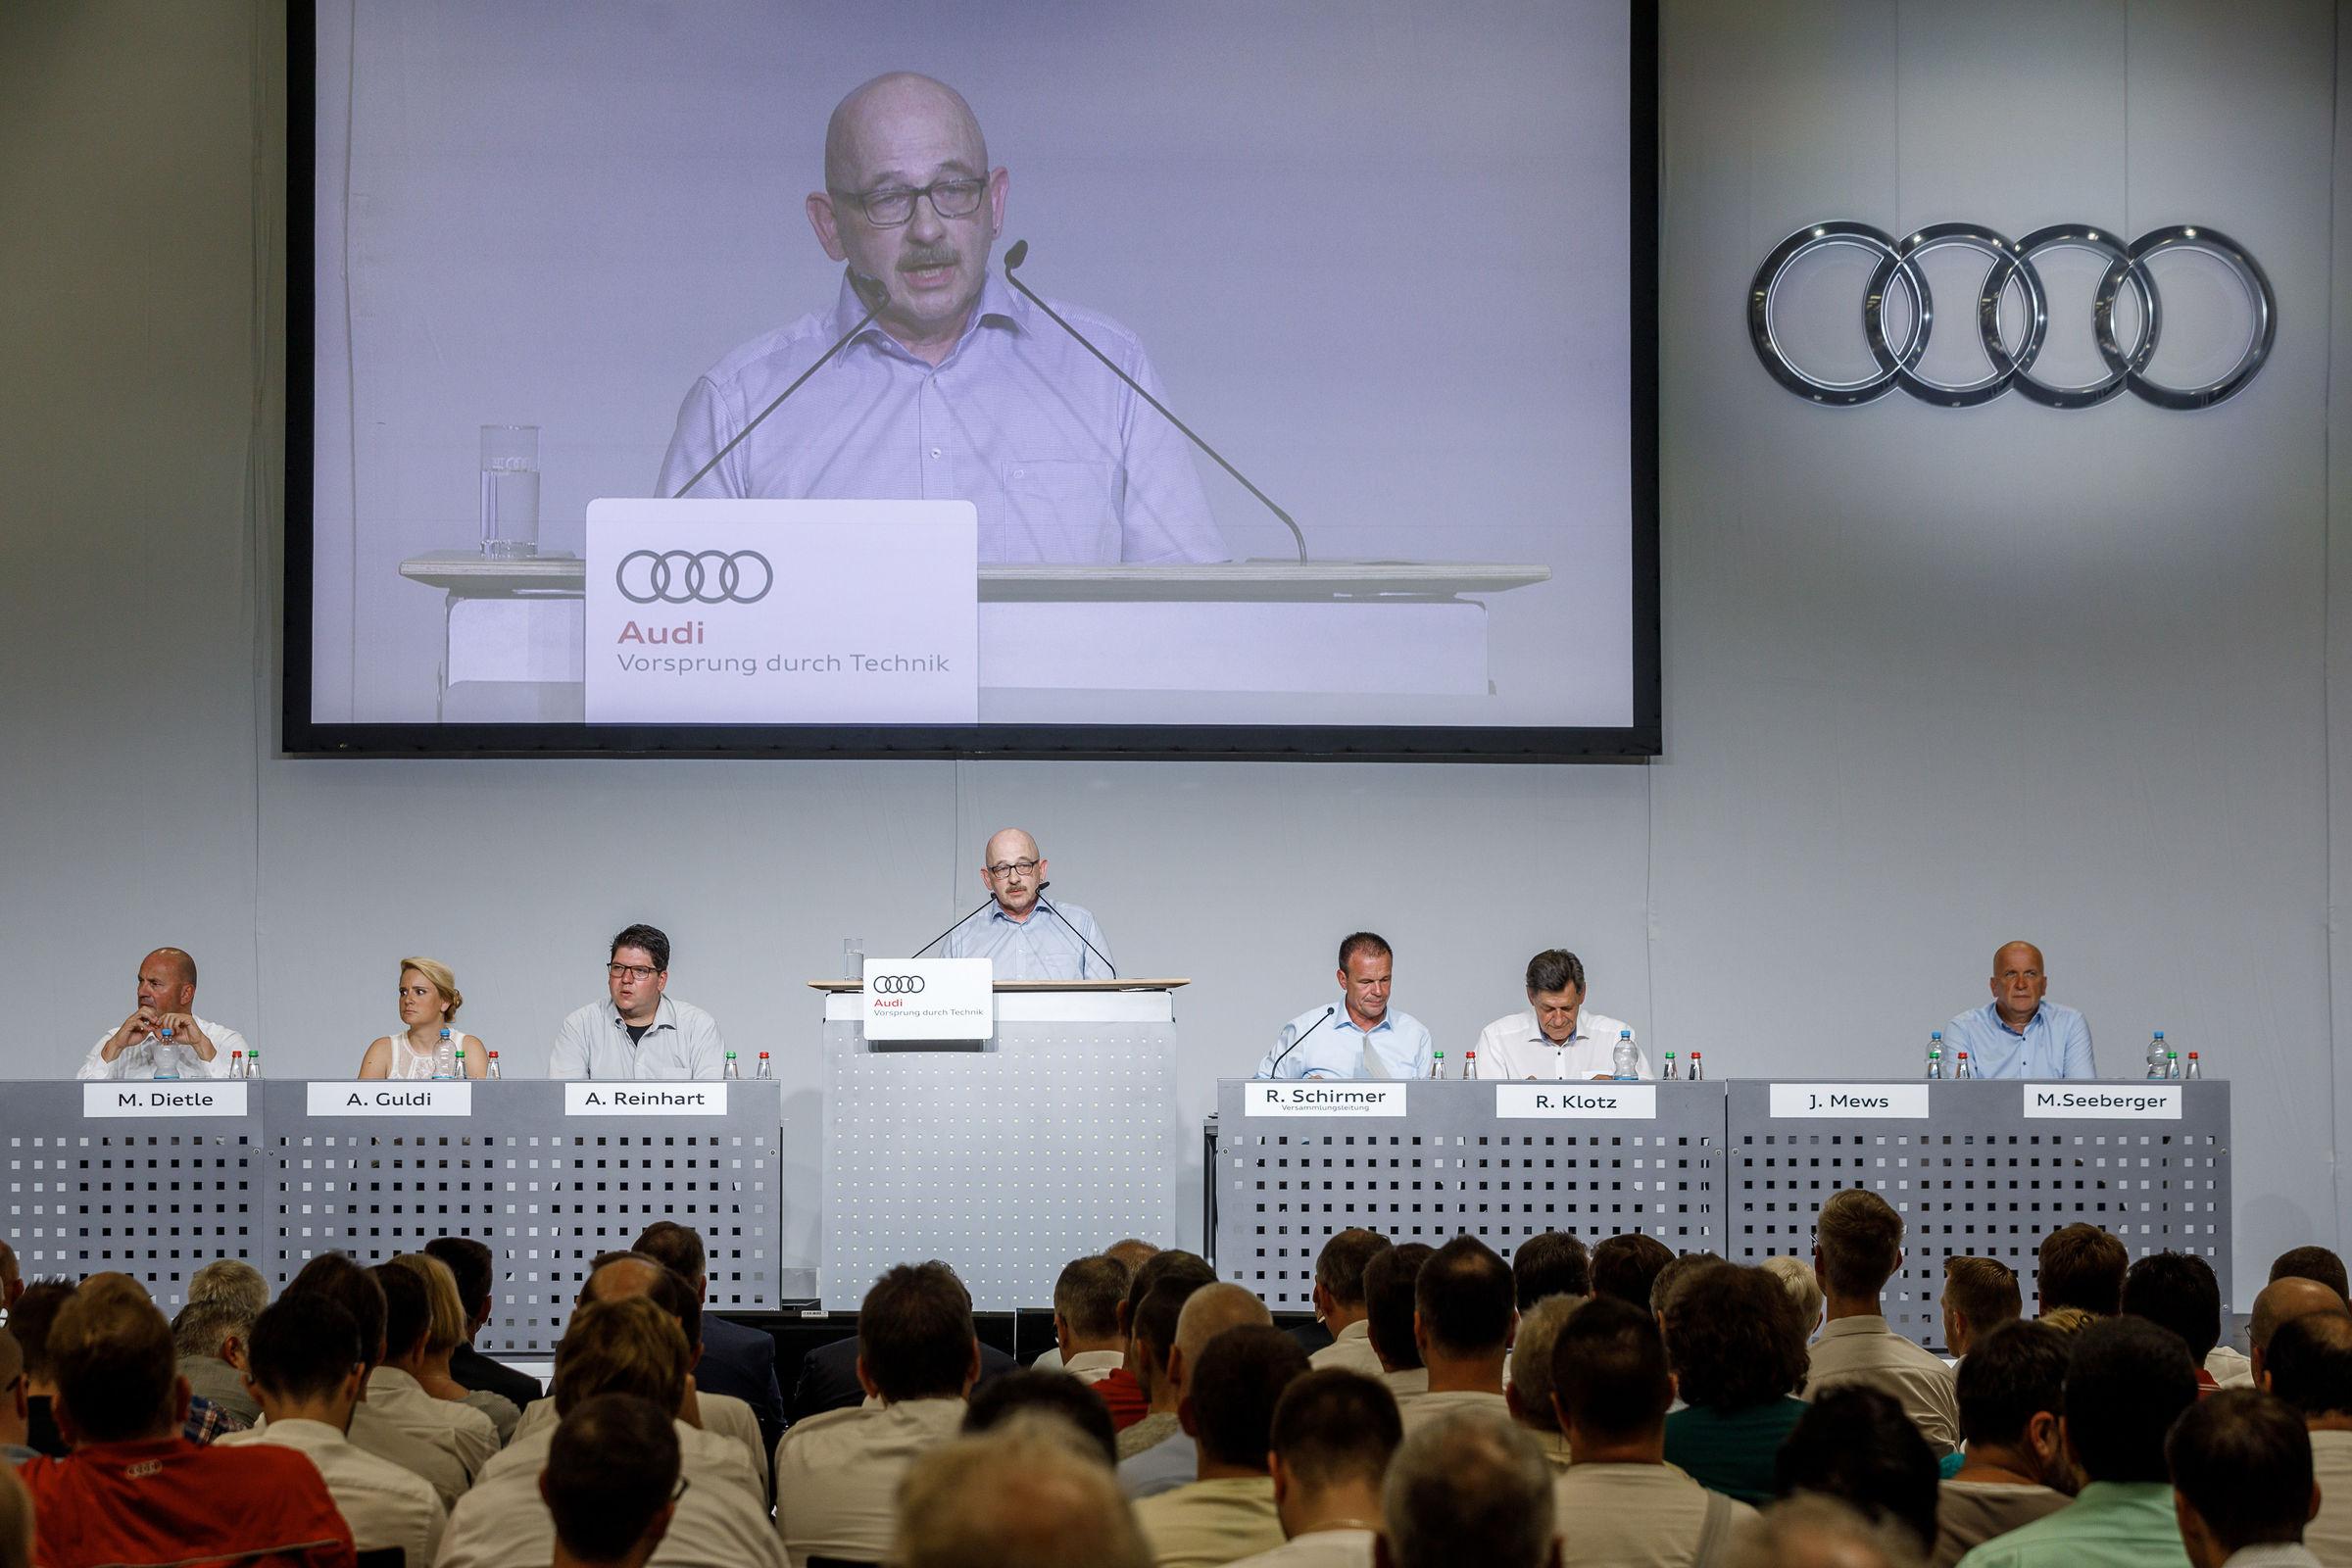 Betriebsversammlung bei Audi in Neckarsulm